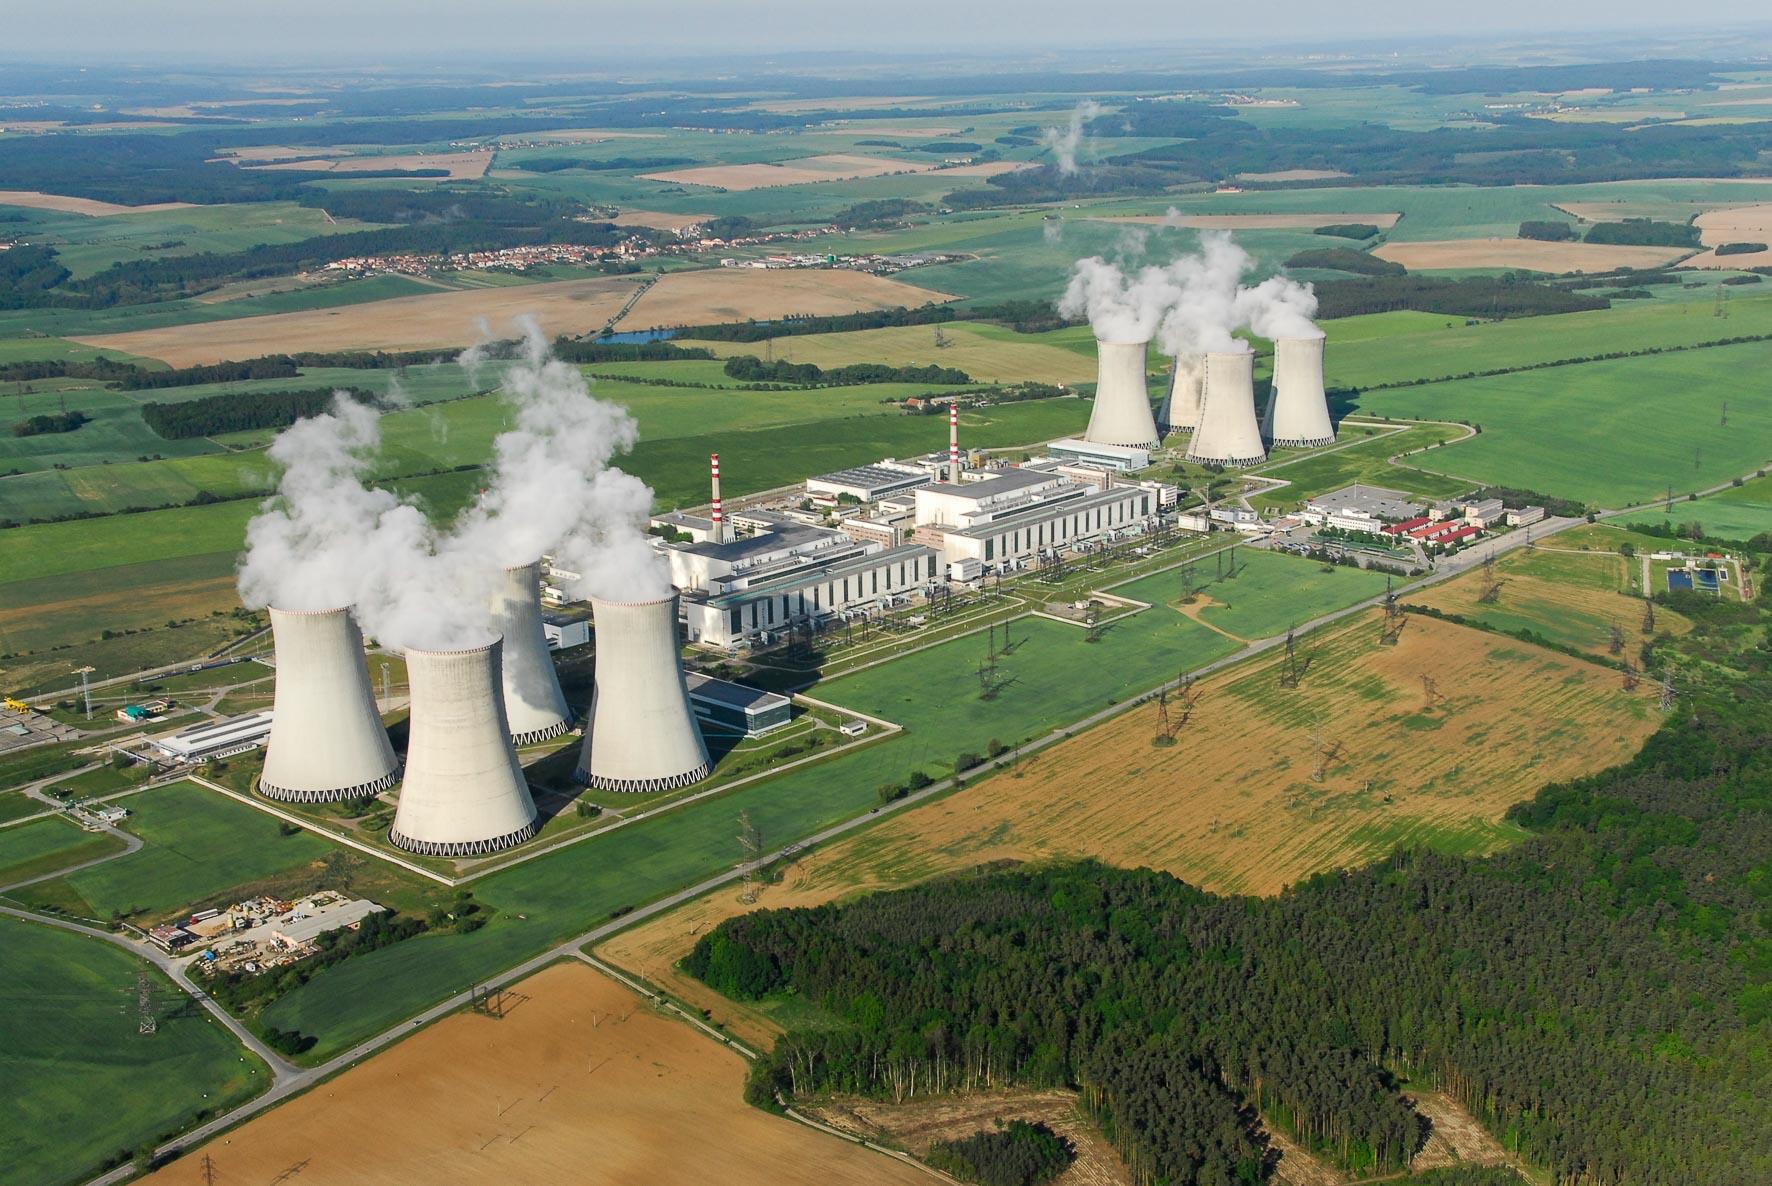 Konsorcium, v čele s Westinghouse, získalo dotaci EU na diverzifikaci dodávek paliva pro reaktory VVER